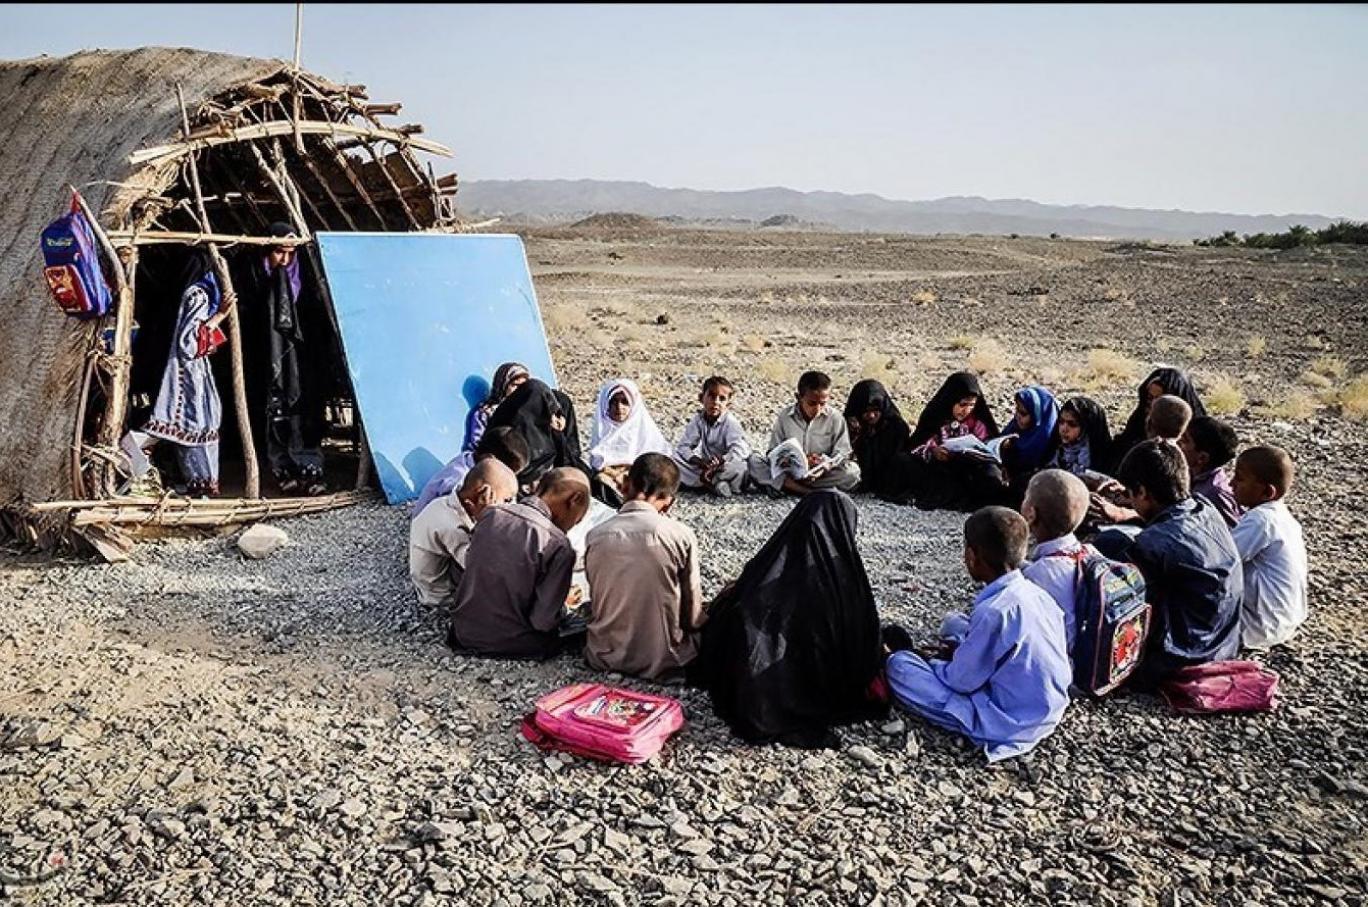 فقر سیستماتیک؛ استراتژی حکومت اسلامی ایران